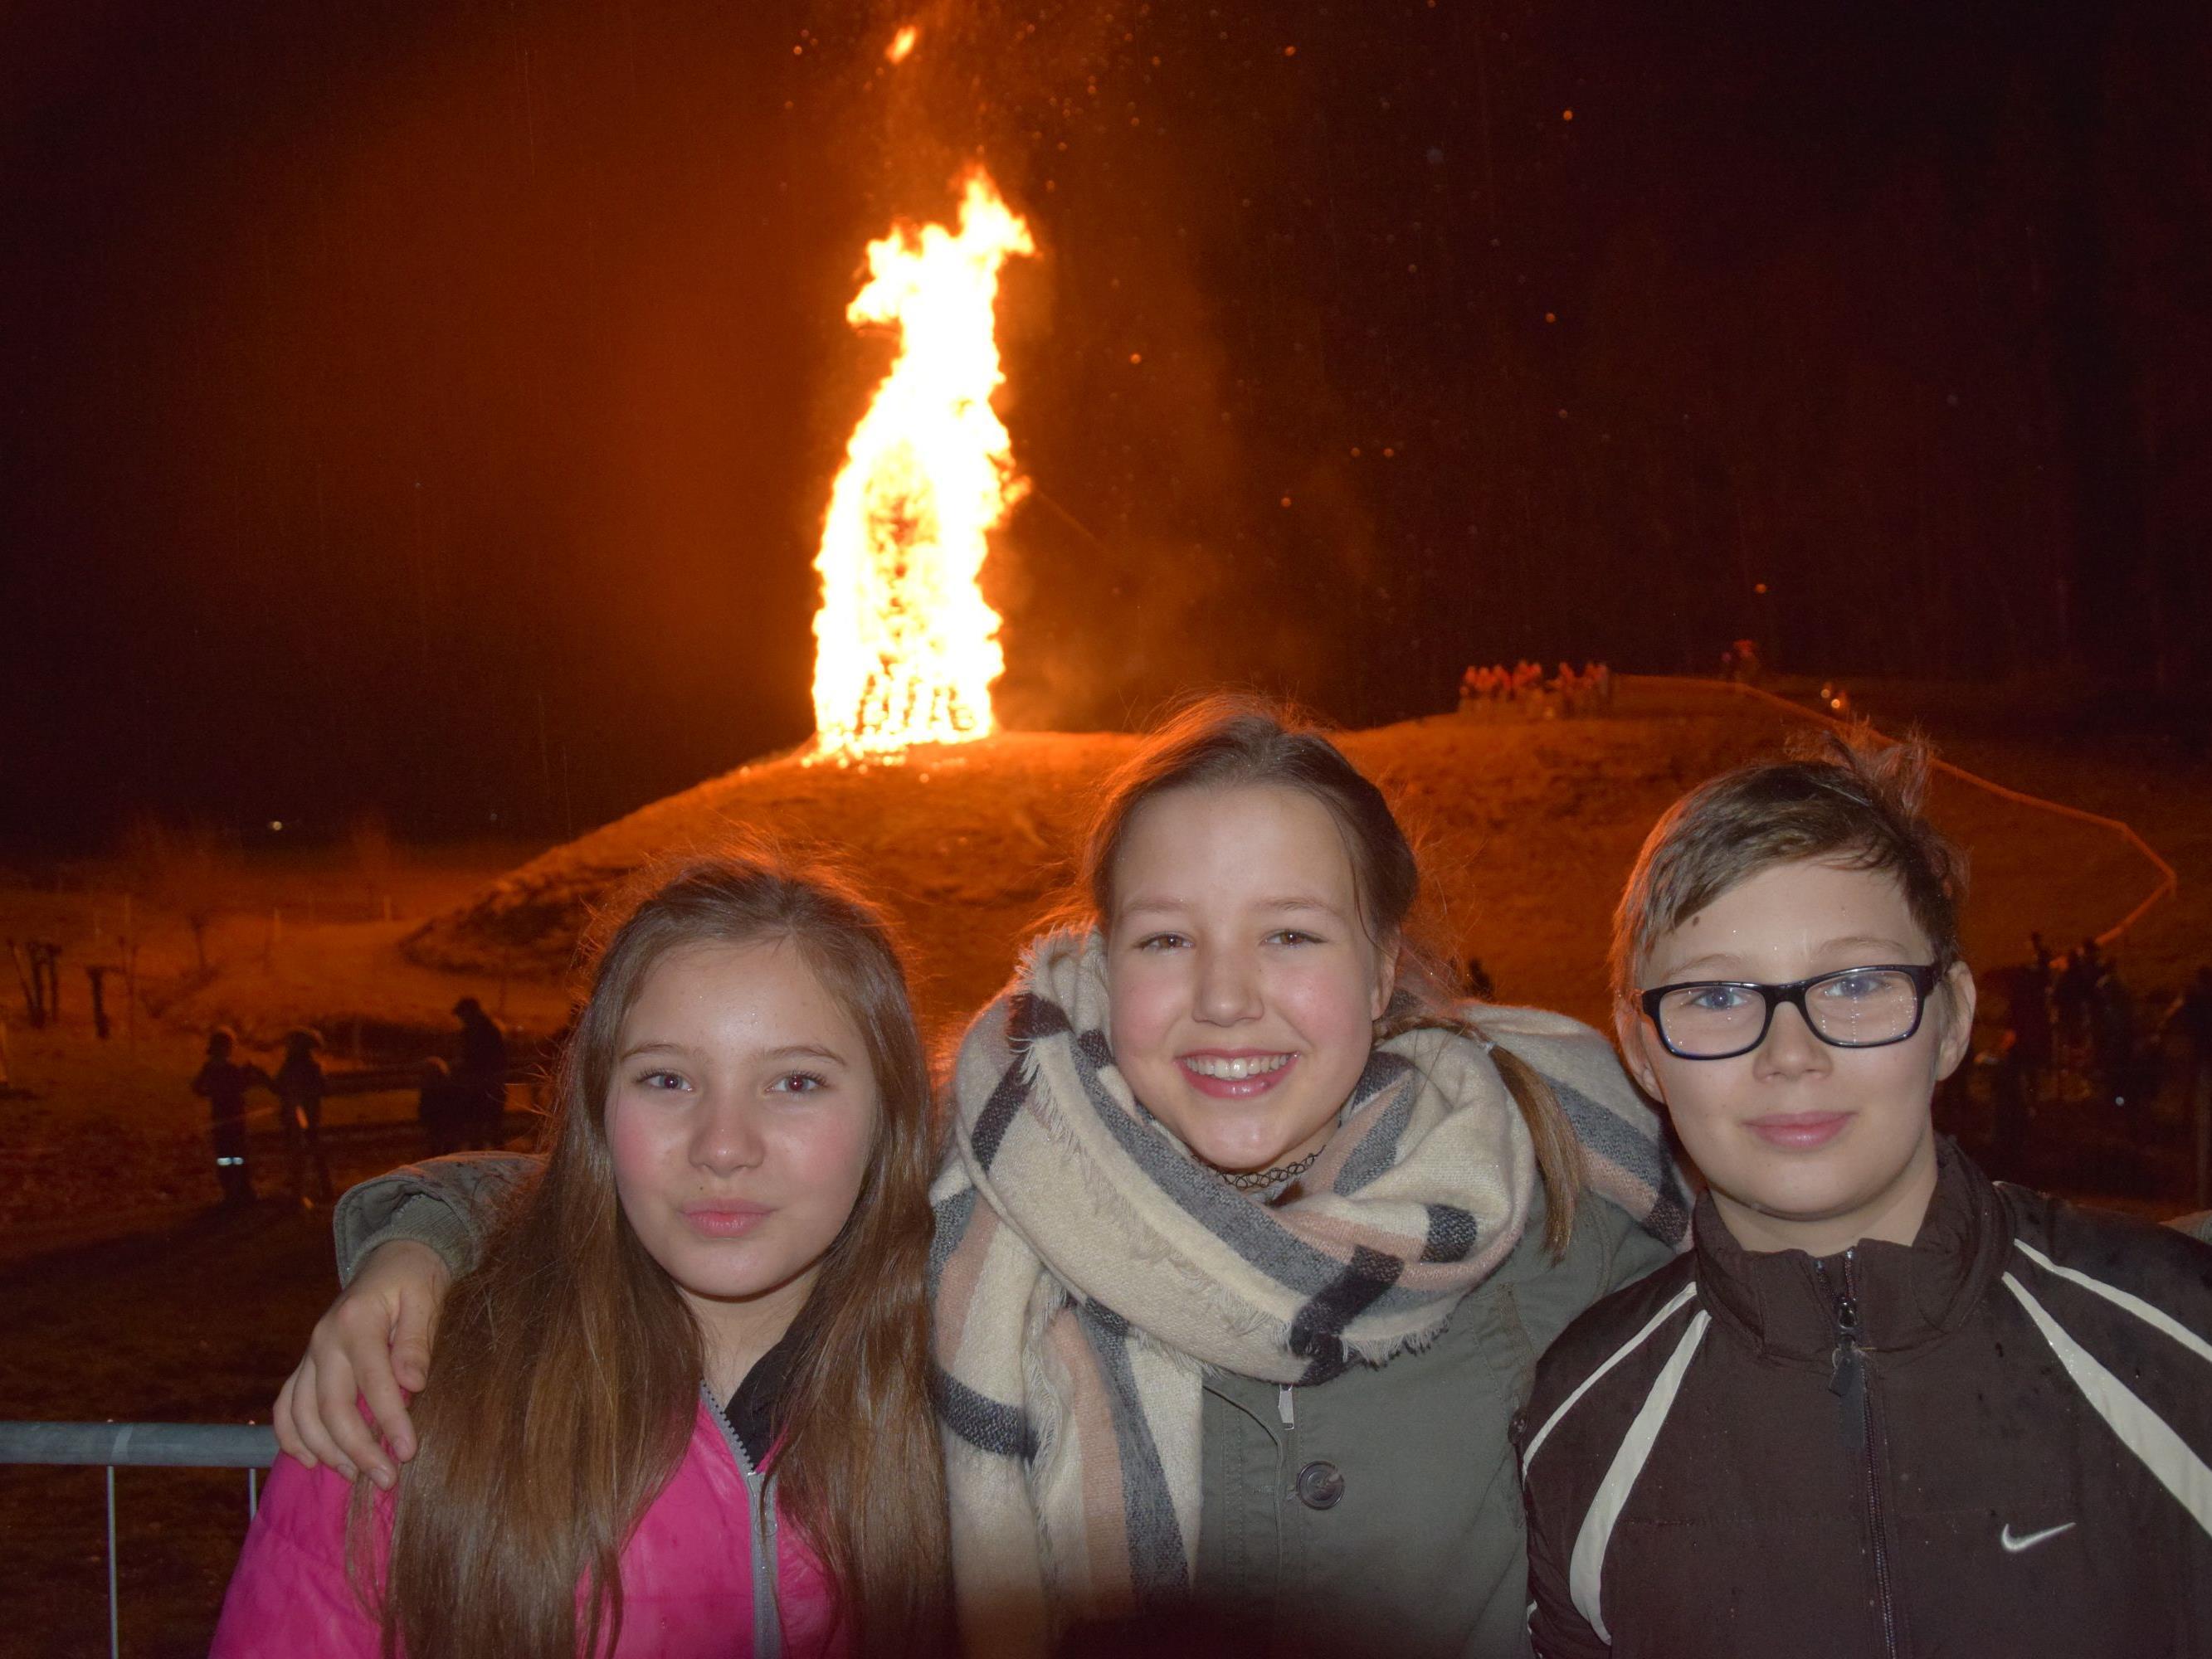 v.l. Emilia, Coleen und Matteo ließen sich das Funkenbrennen in Arbogast am Funkensonntag nicht entgehen